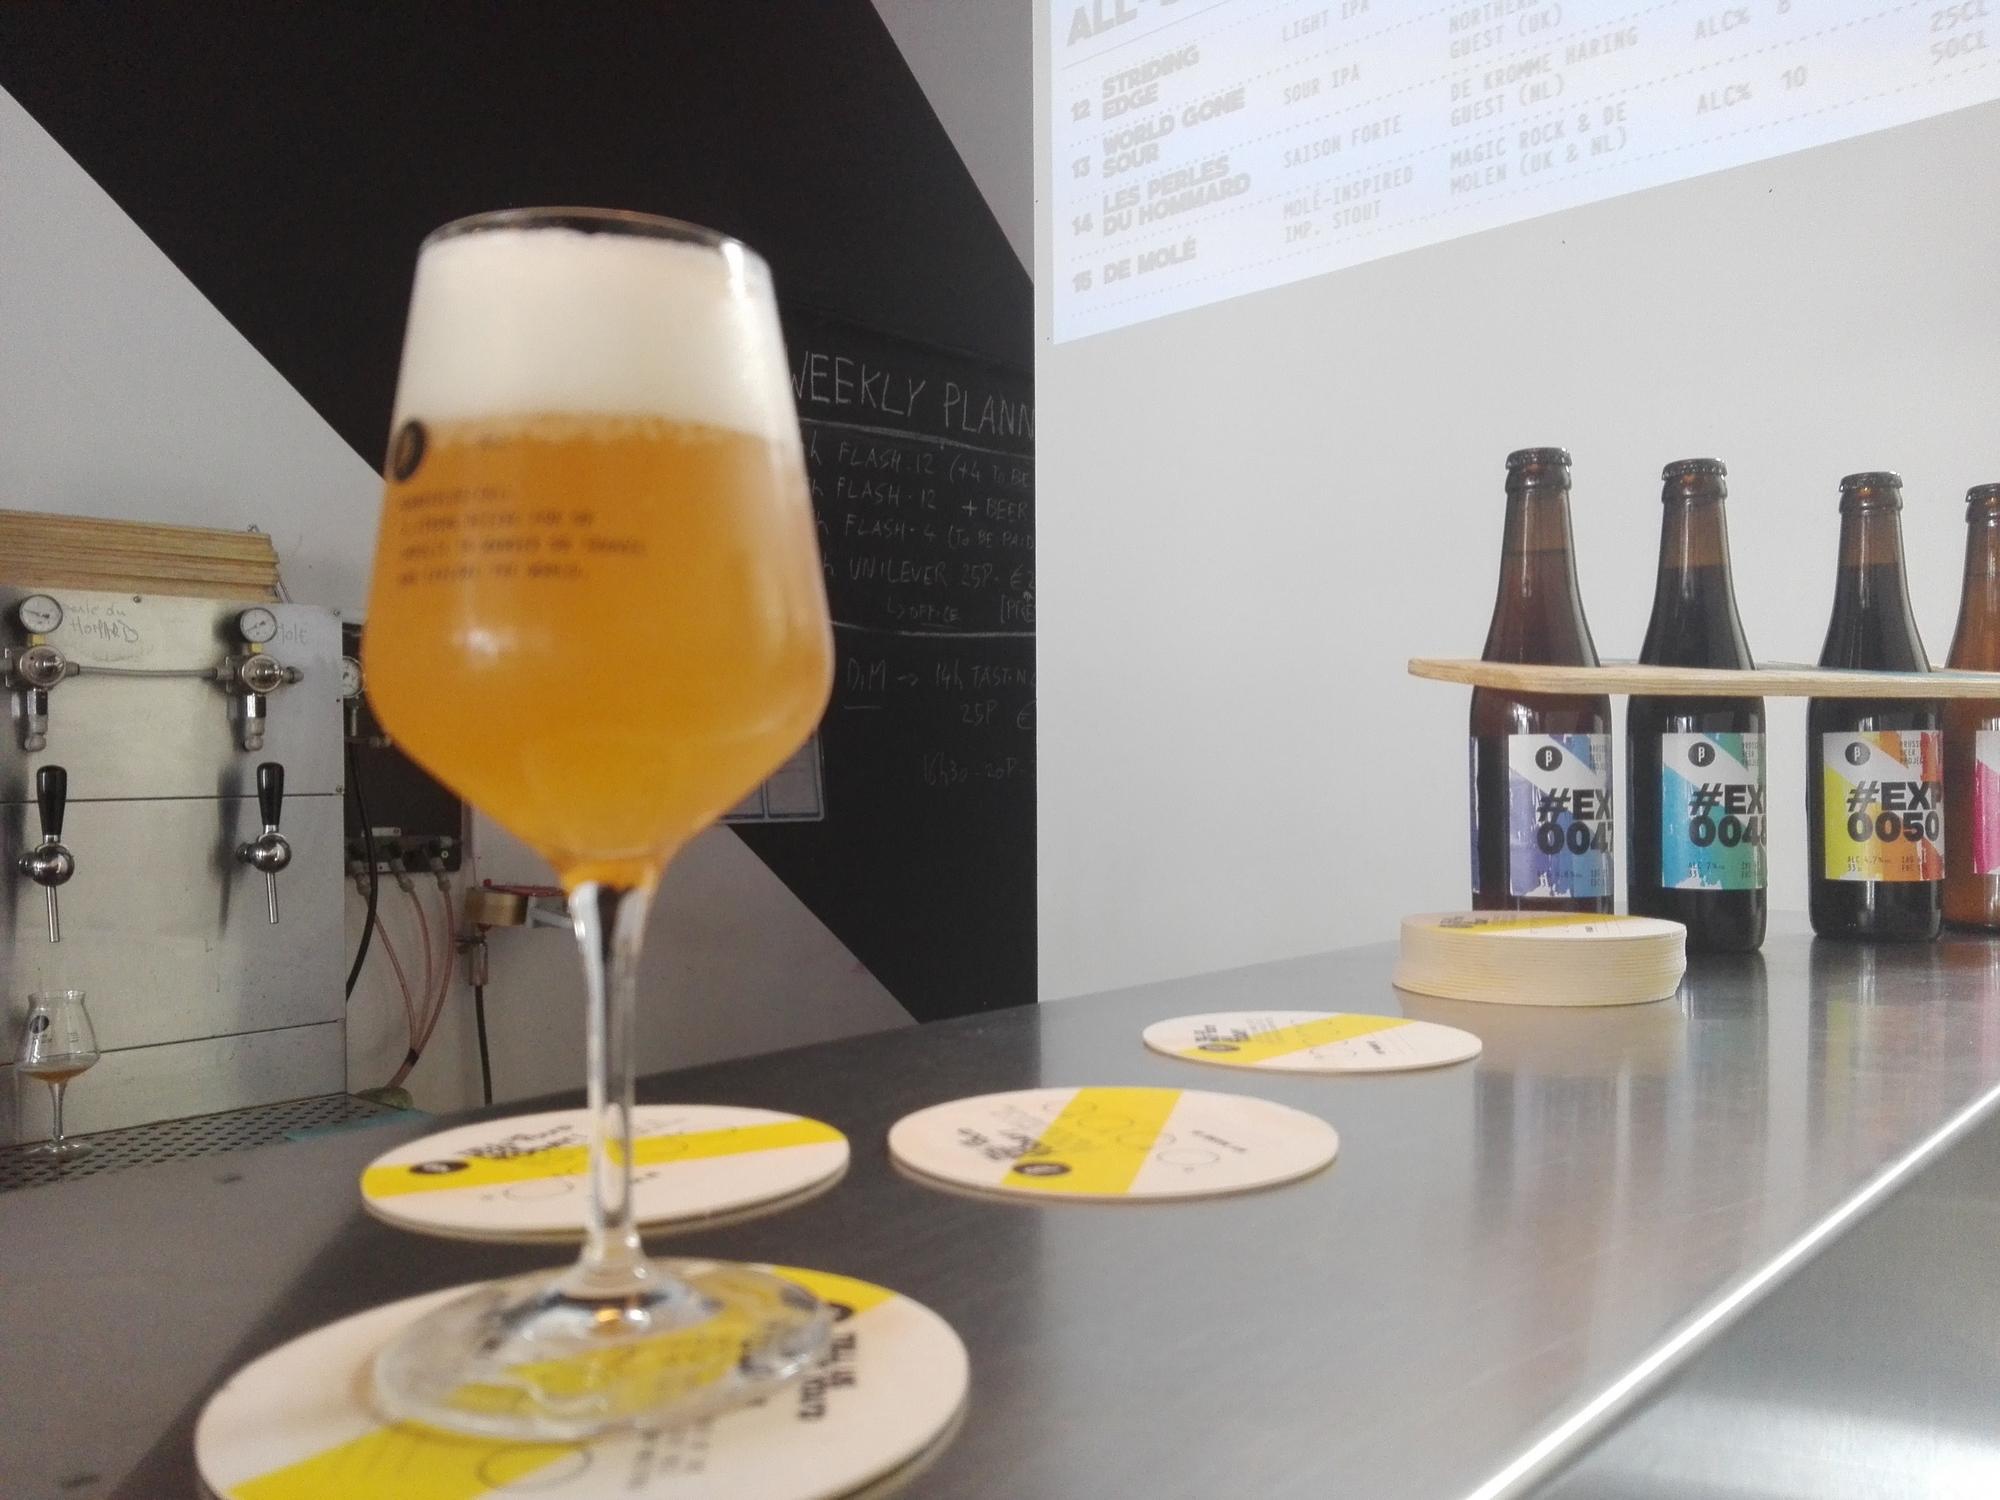 Brussels Beer Project - Dégustation de bières